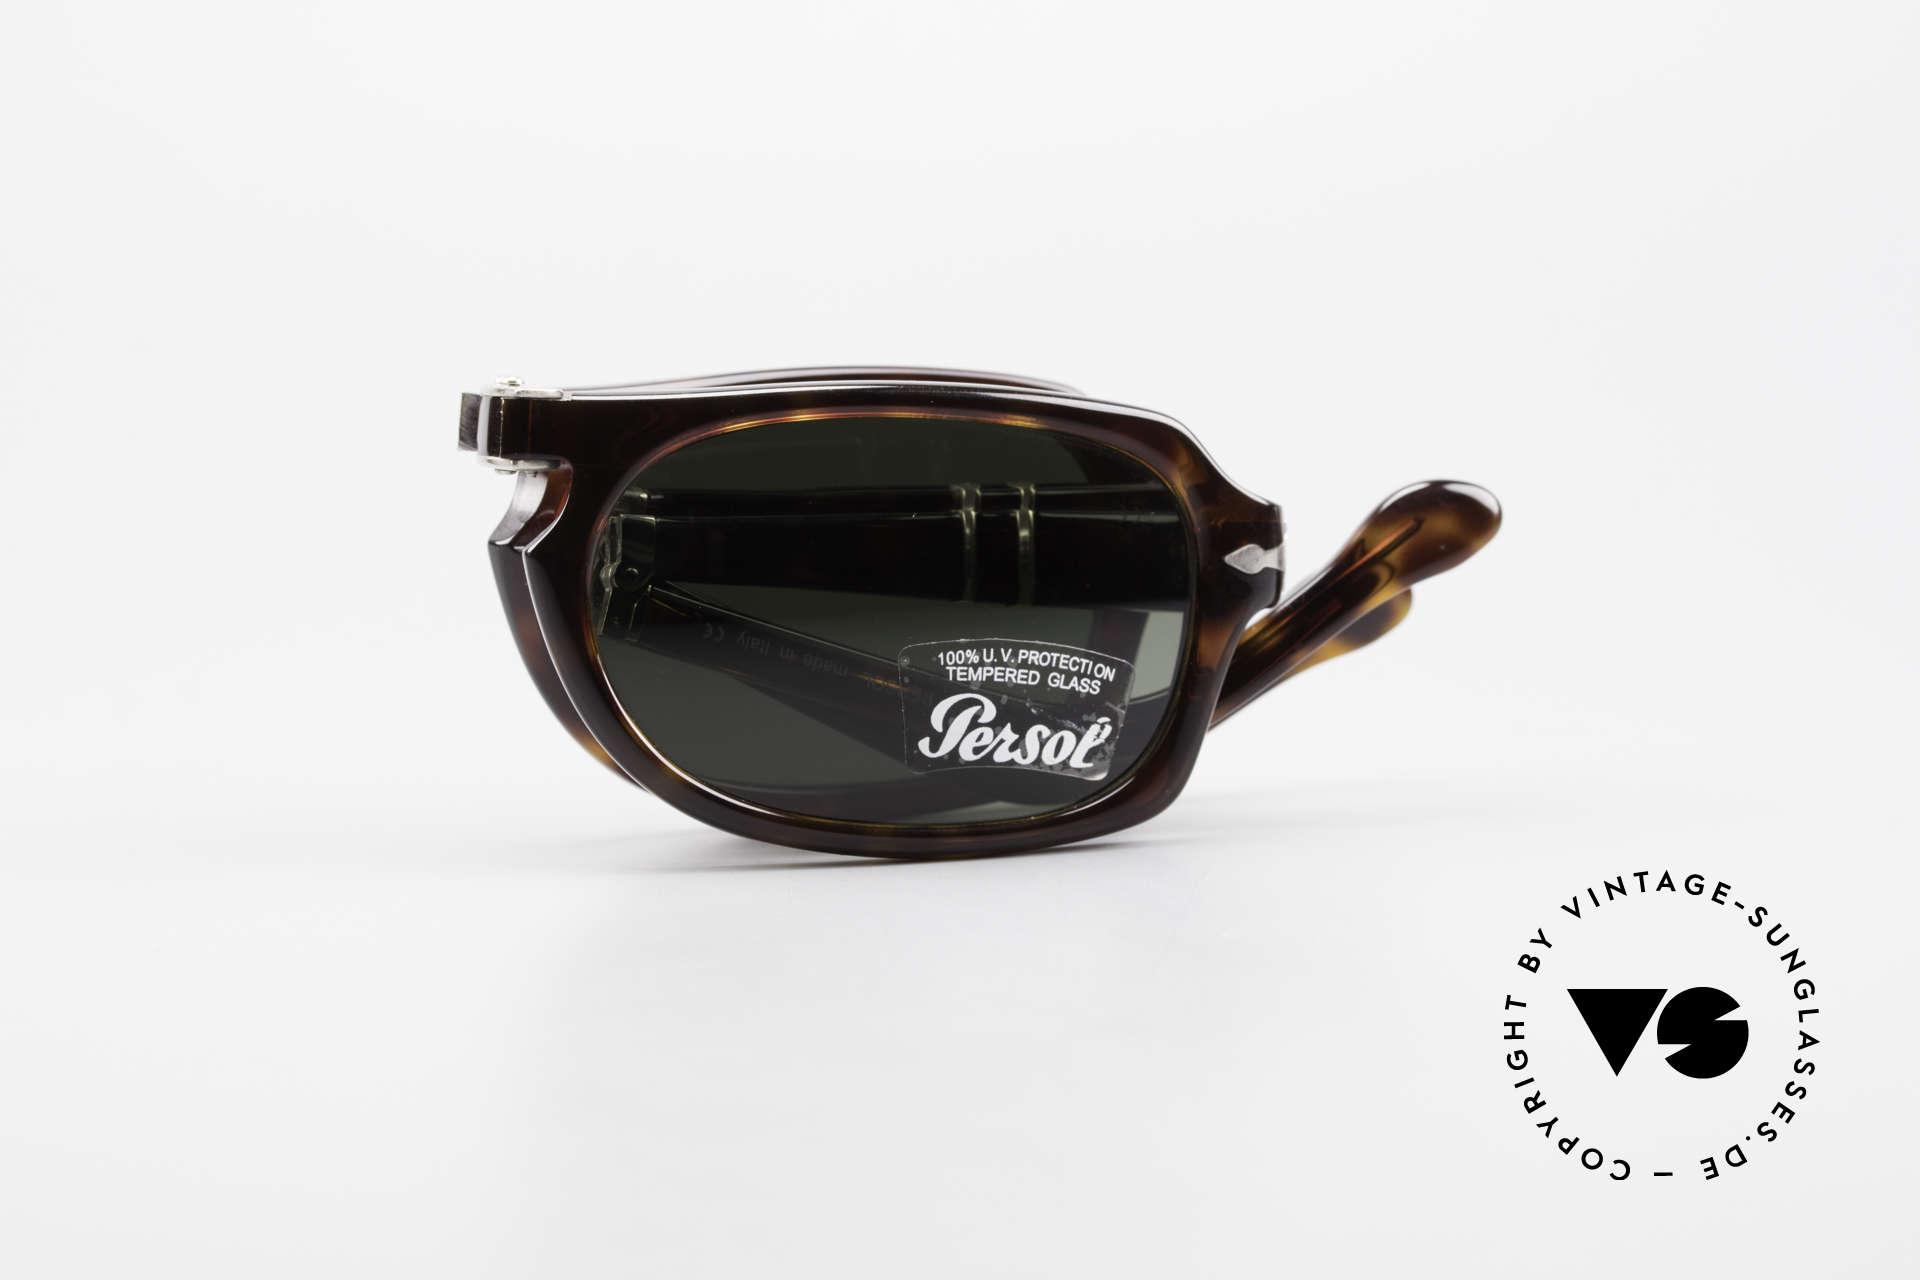 Persol 2621 Folding Faltbare Sonnenbrille Herren, Größe: medium, Passend für Herren